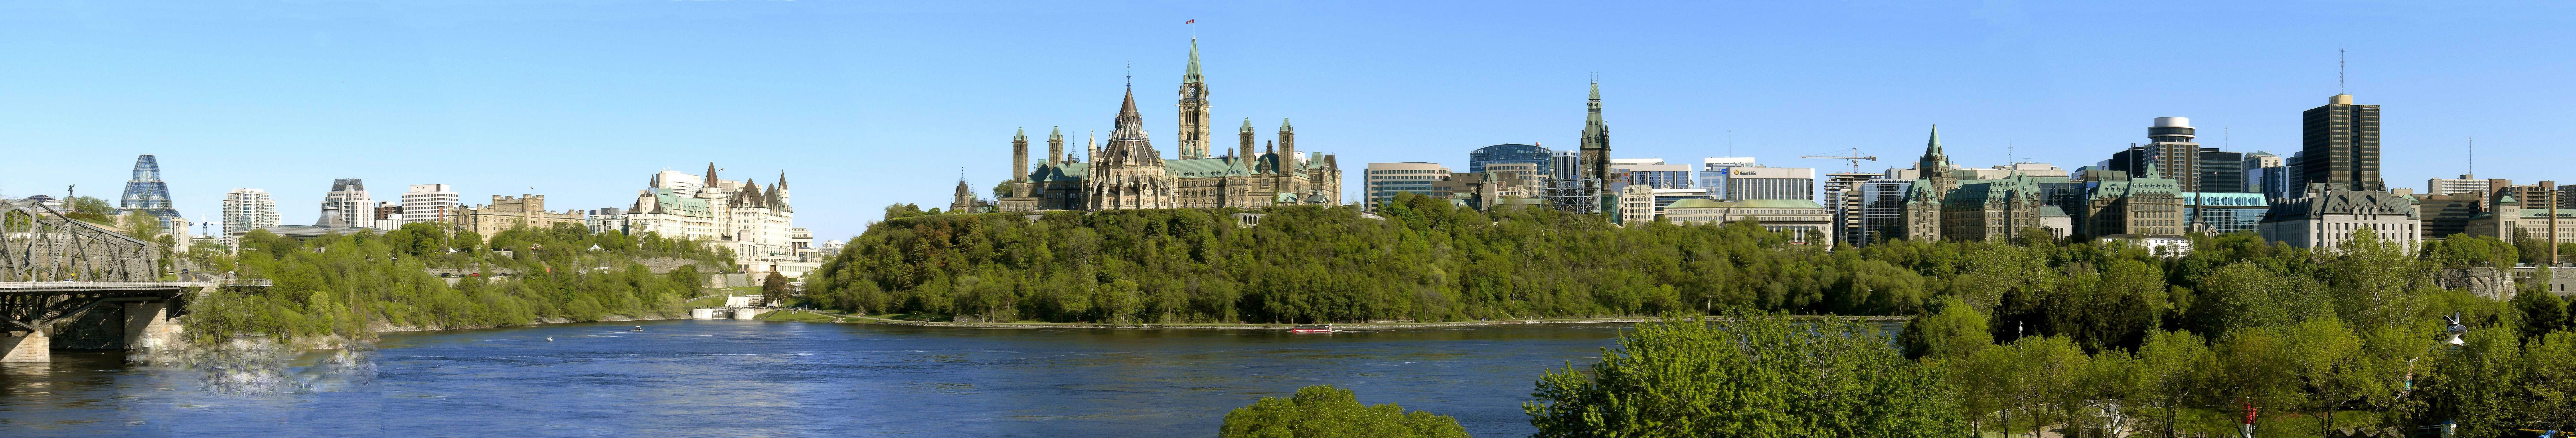 渥太华(ottawa)是加拿大首都和政治文化中心,安大略省第二大城市